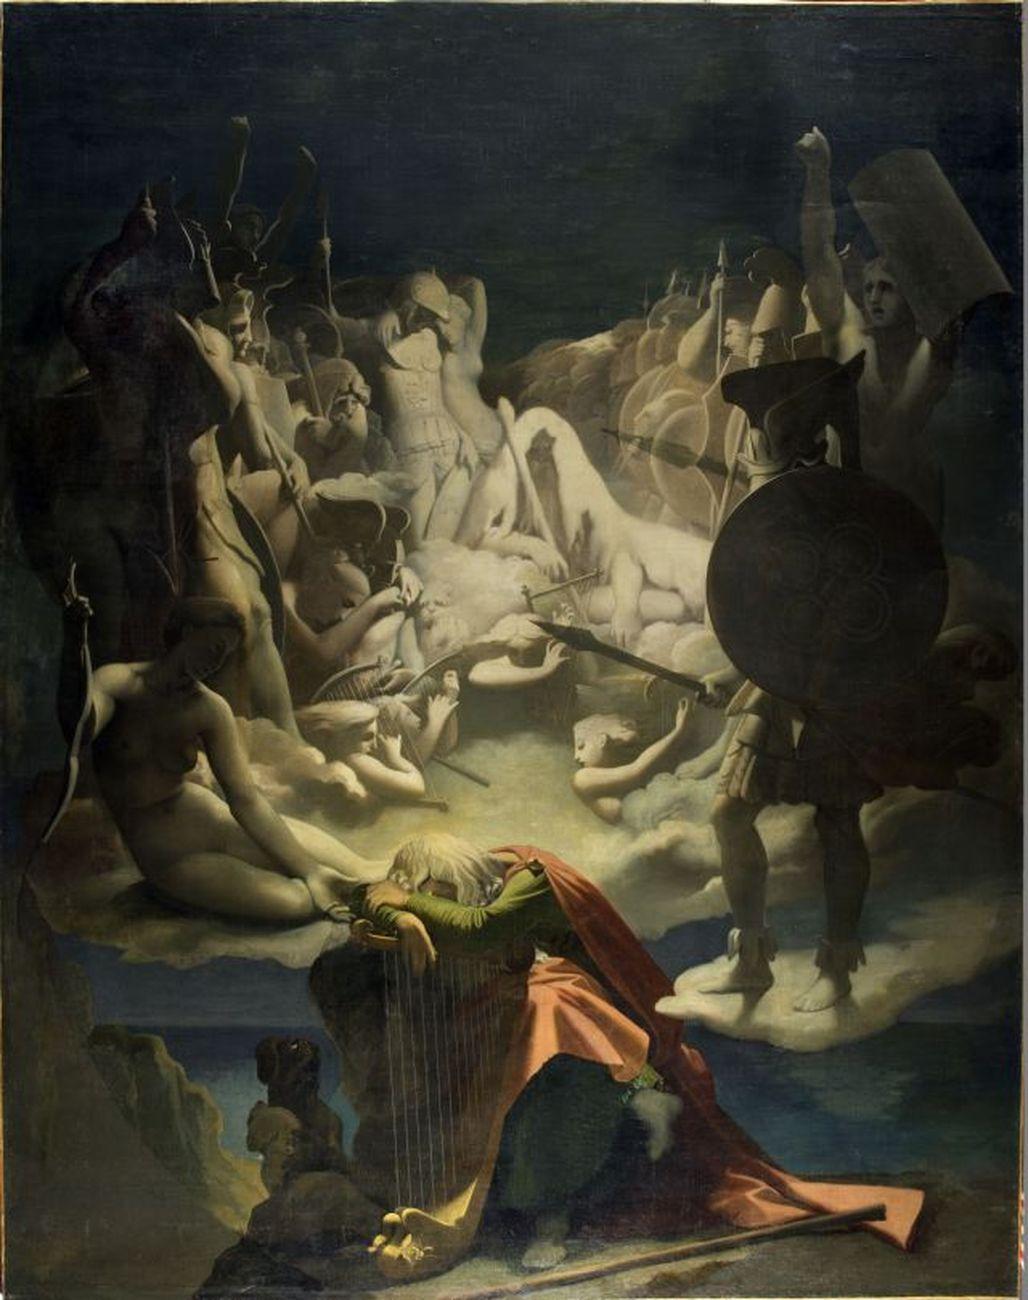 Adèle Chavassieu d'Haudebert da Andrea Appiani, Venere che accarezza Amore. Pinacoteca di Brera, Milano